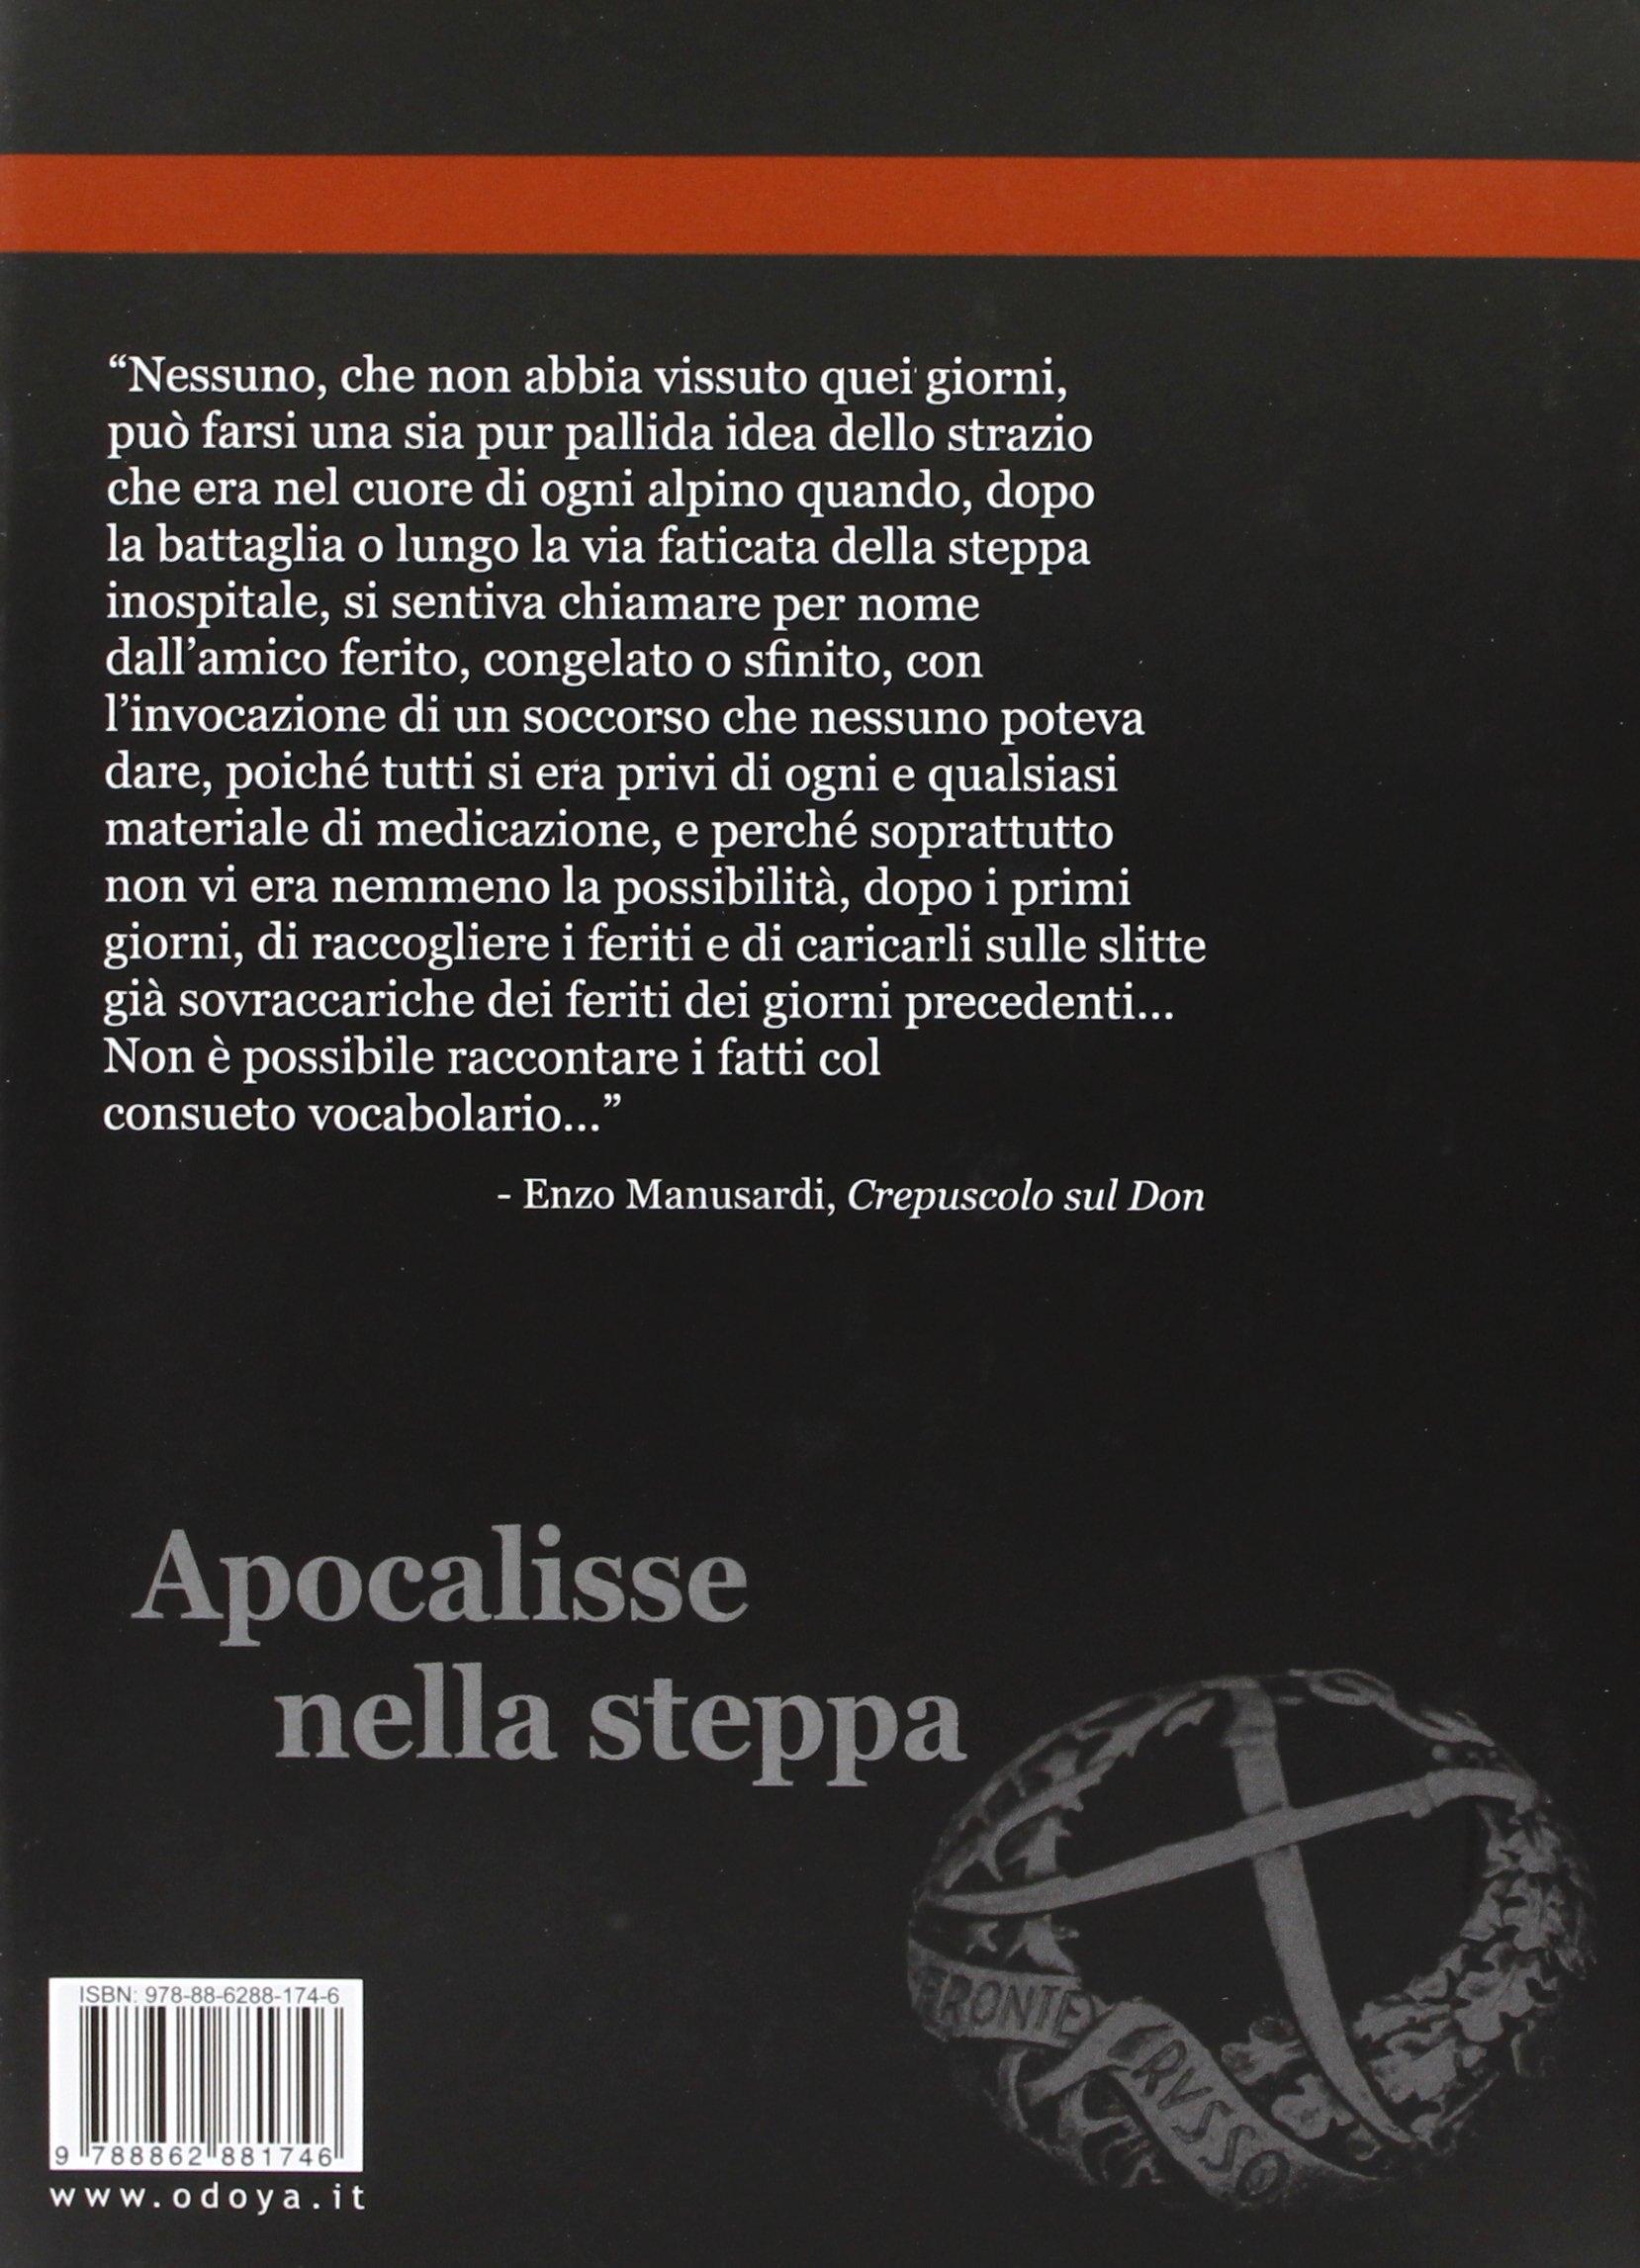 Apocalisse nella steppa. Storia militare degli italiani in Russia 1941-1943